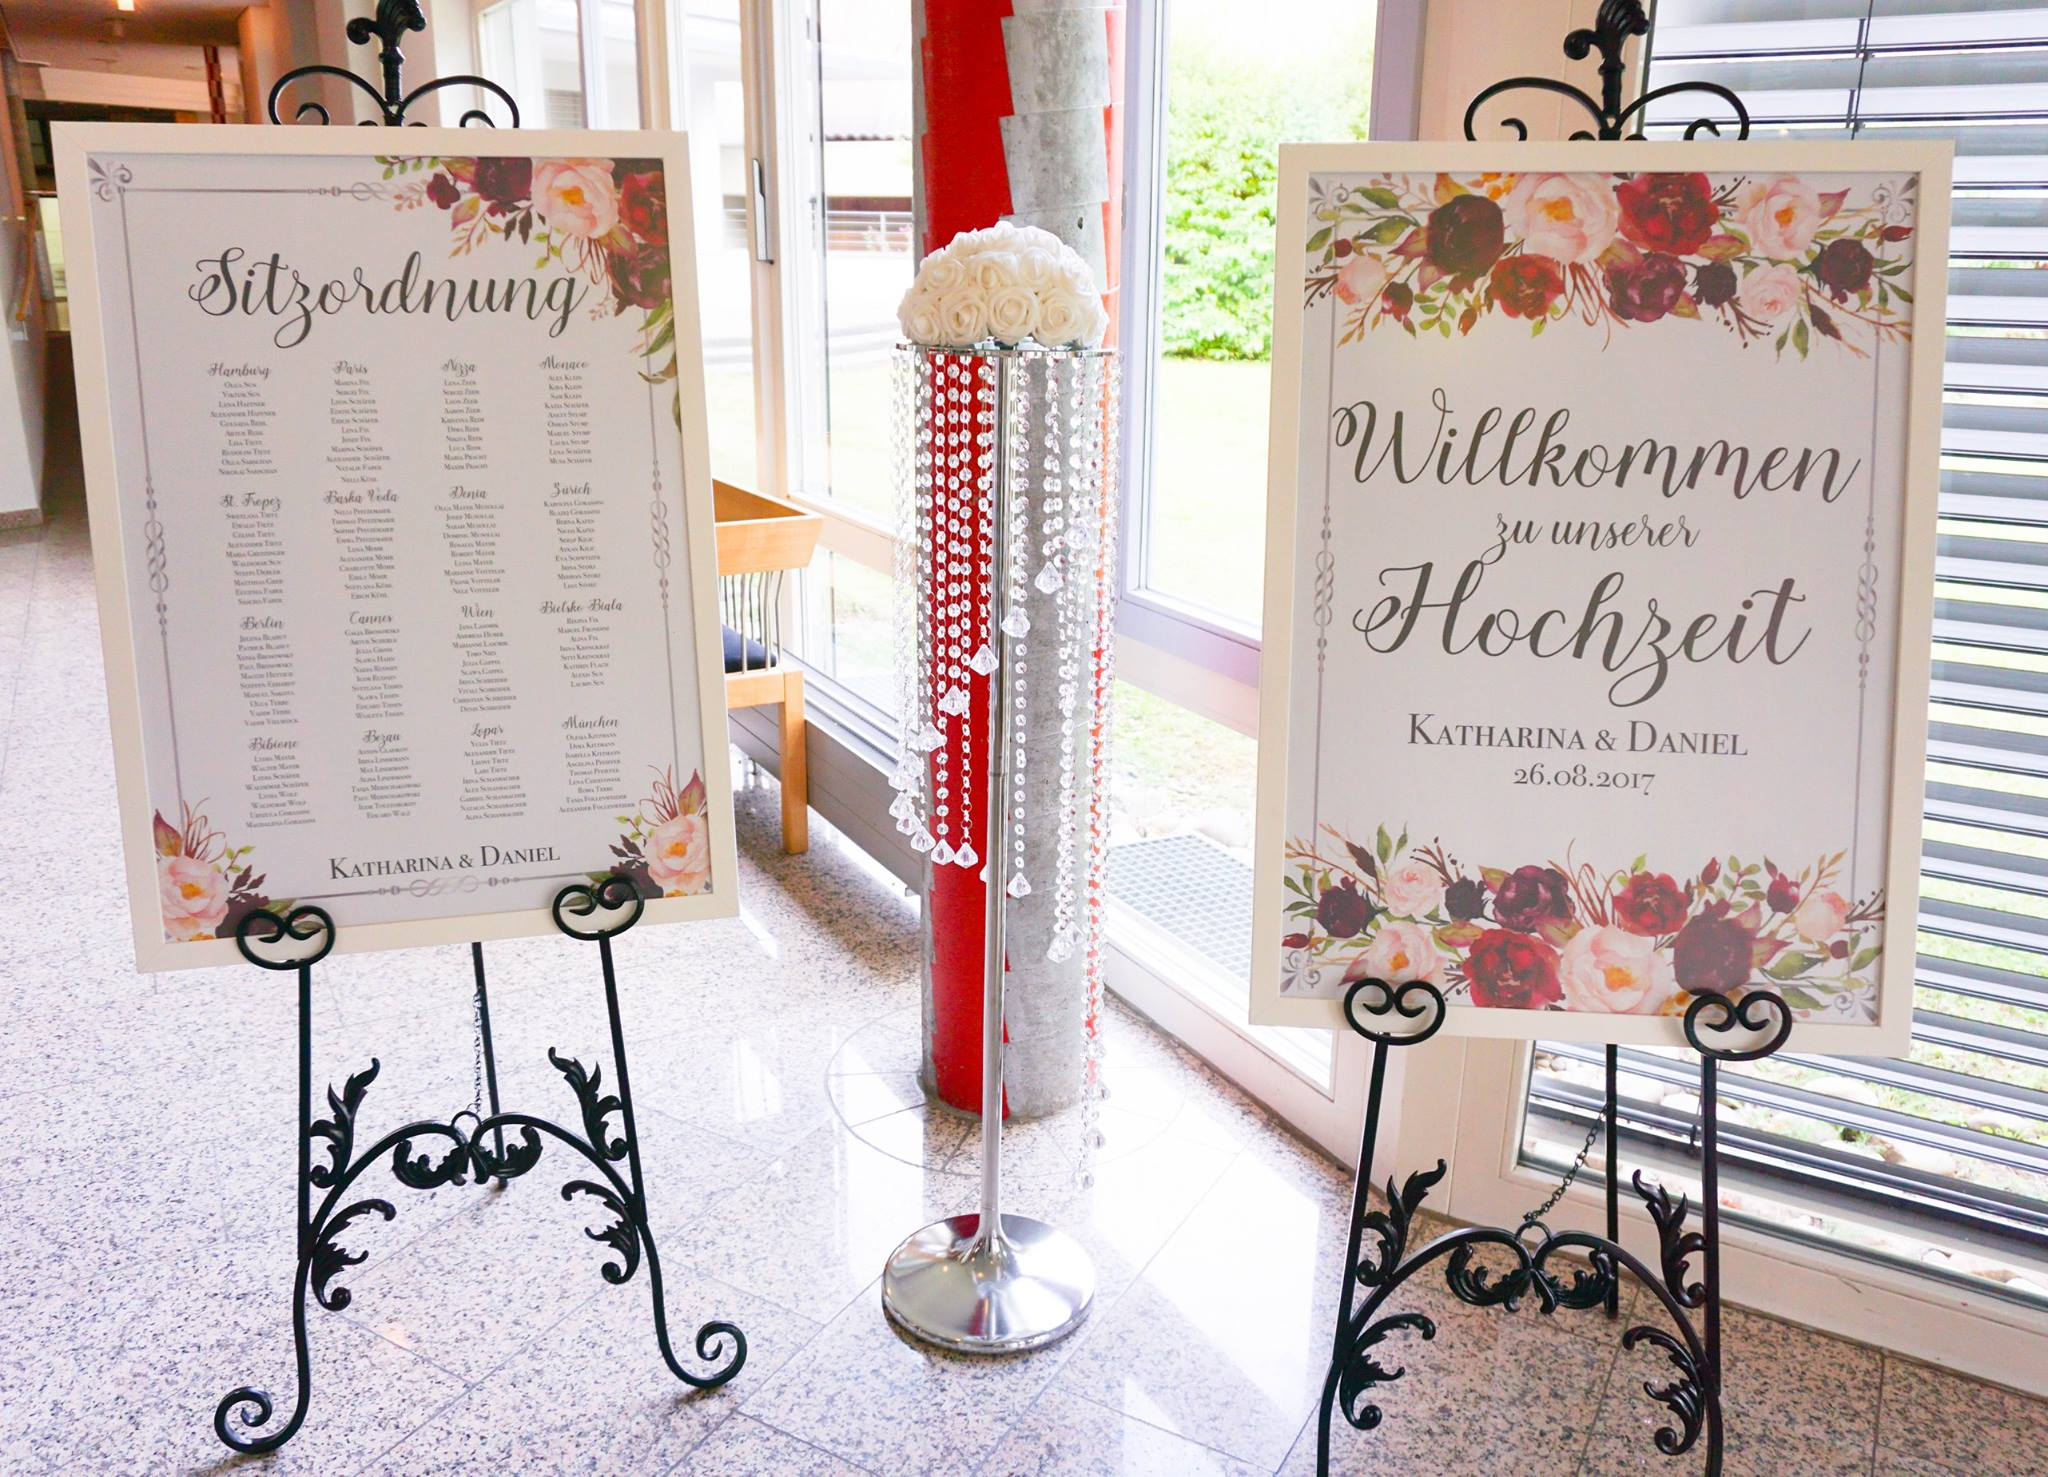 Jennifer Wesner Events Event Und Hochzeitsdekoration Klassisch